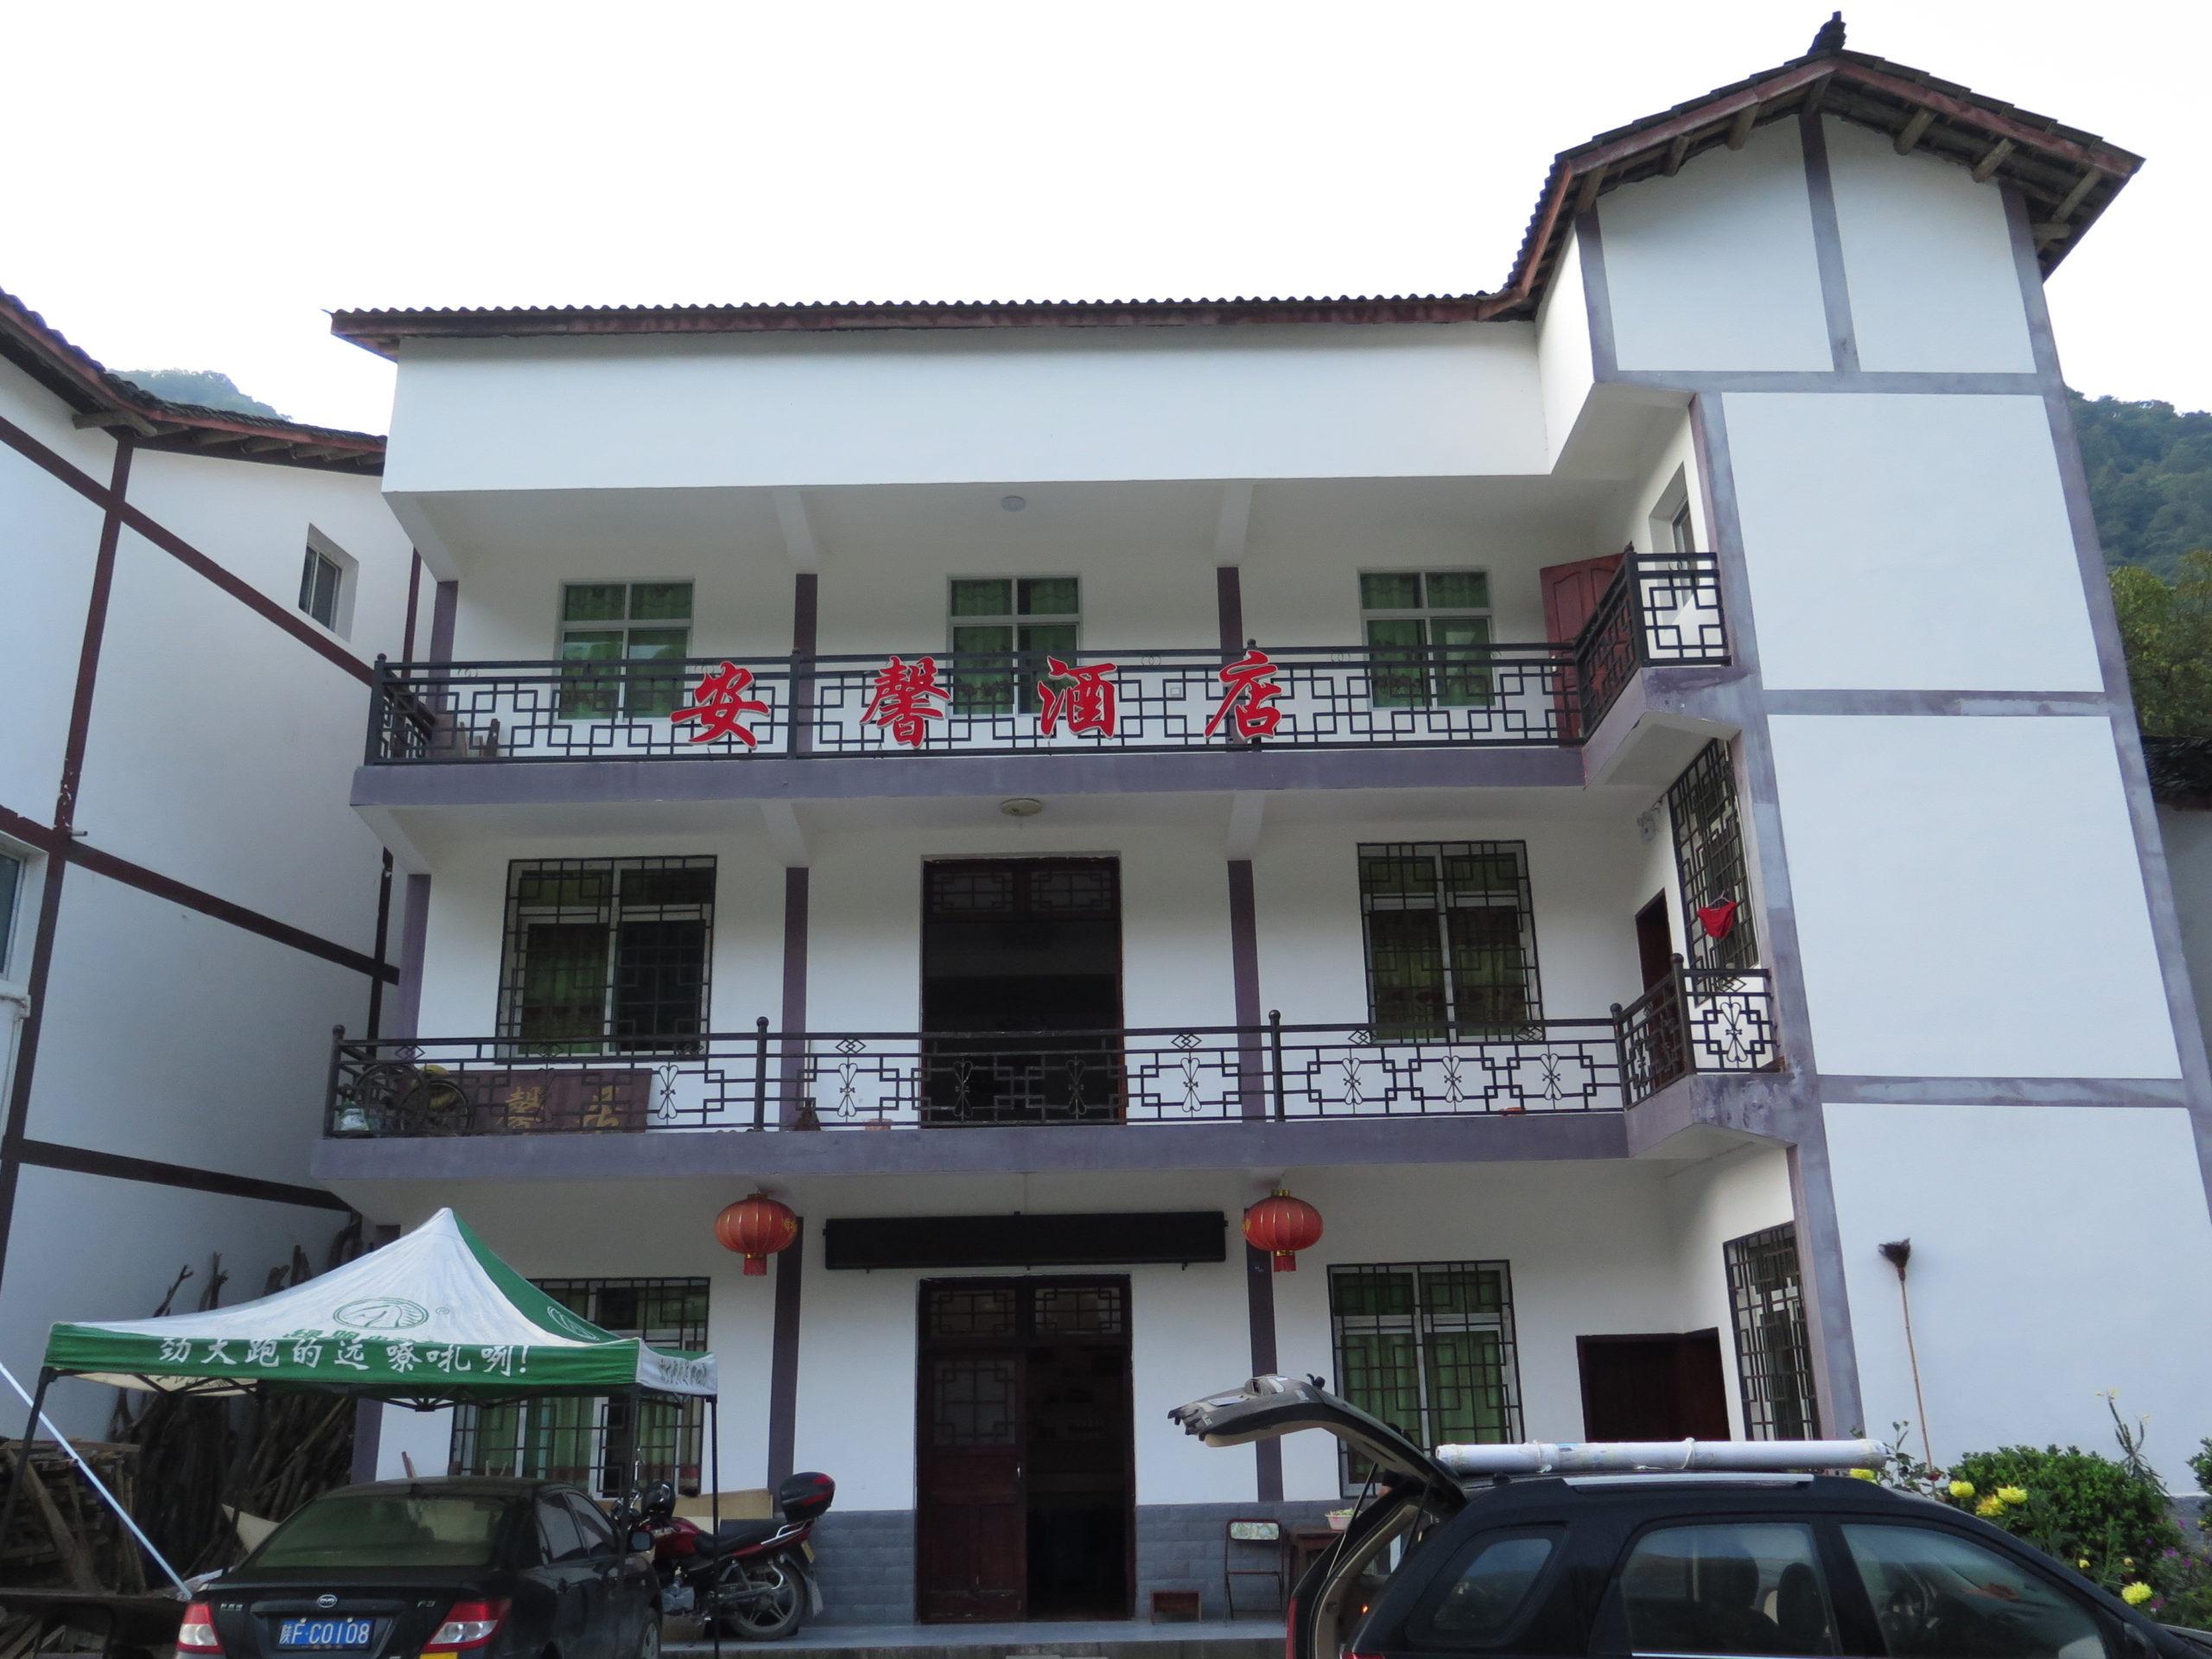 NACPEC 2015 team hotel in Jiaojiahecun, Sichuan near Guangwushan Park.